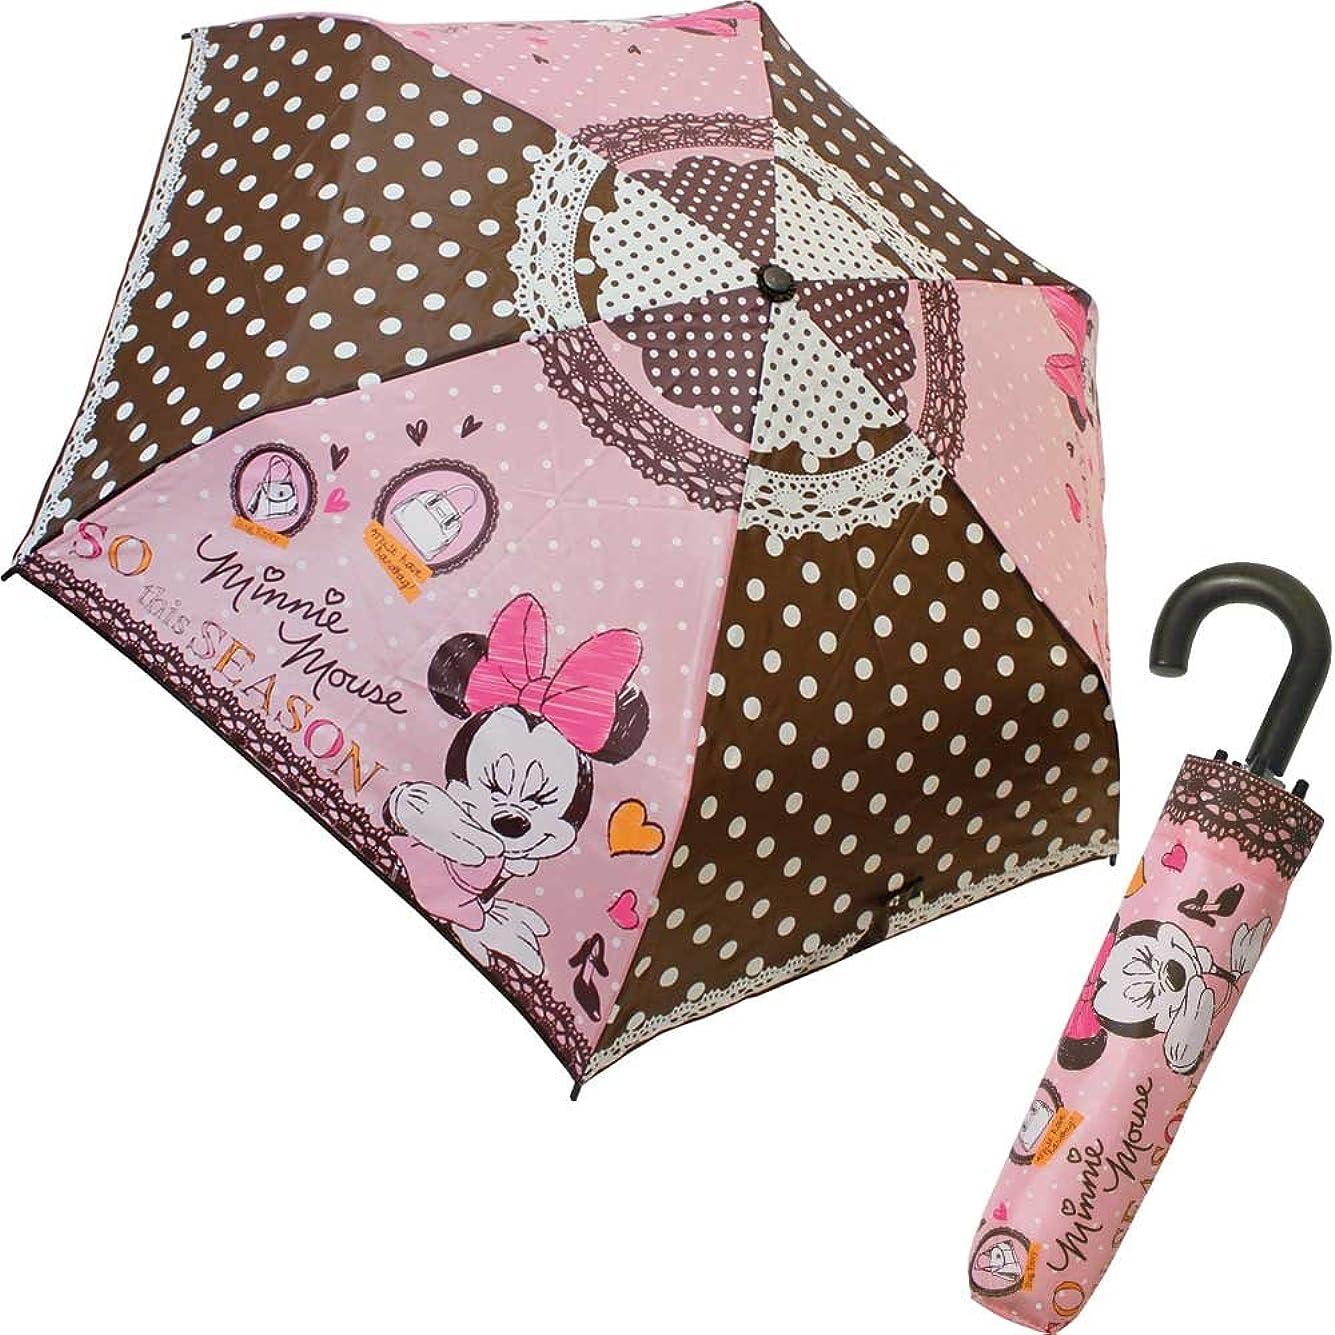 農村満足させる指折りたたみ傘 ミニーマウス ミニーファッション キャラクター 生地 53cm 90203